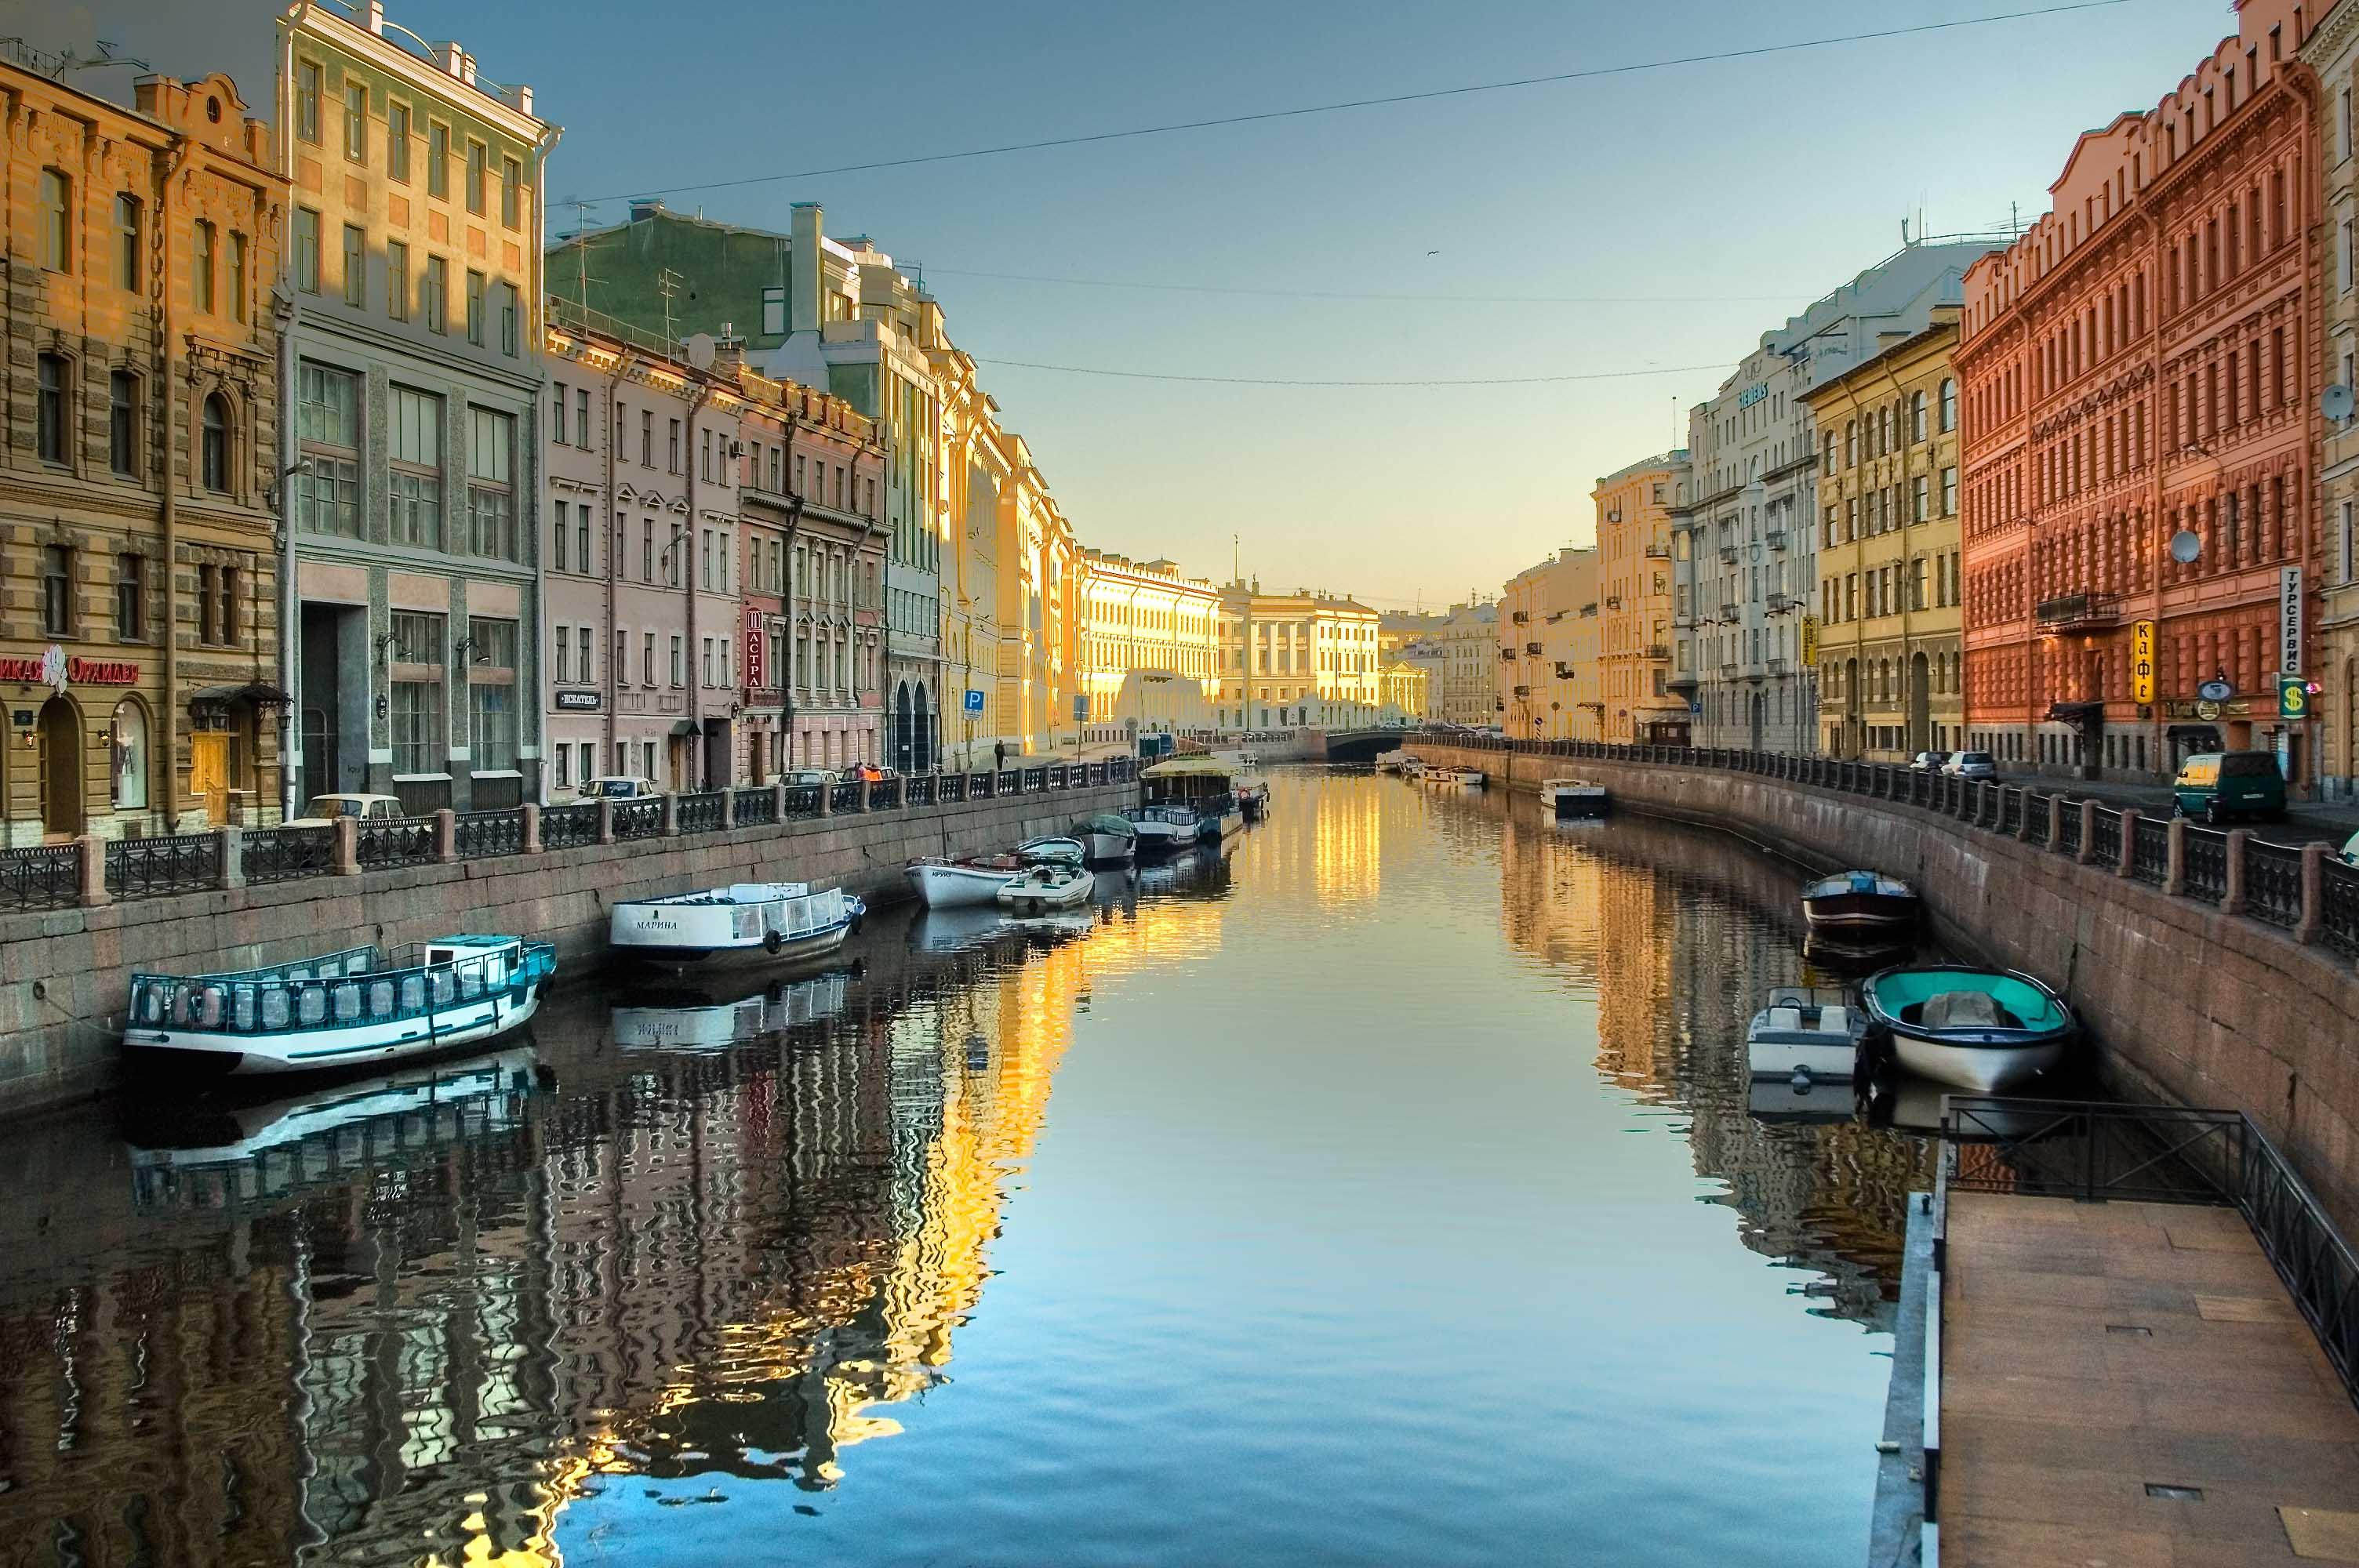 Санкт-Петербург. Источник: depositphotos.com